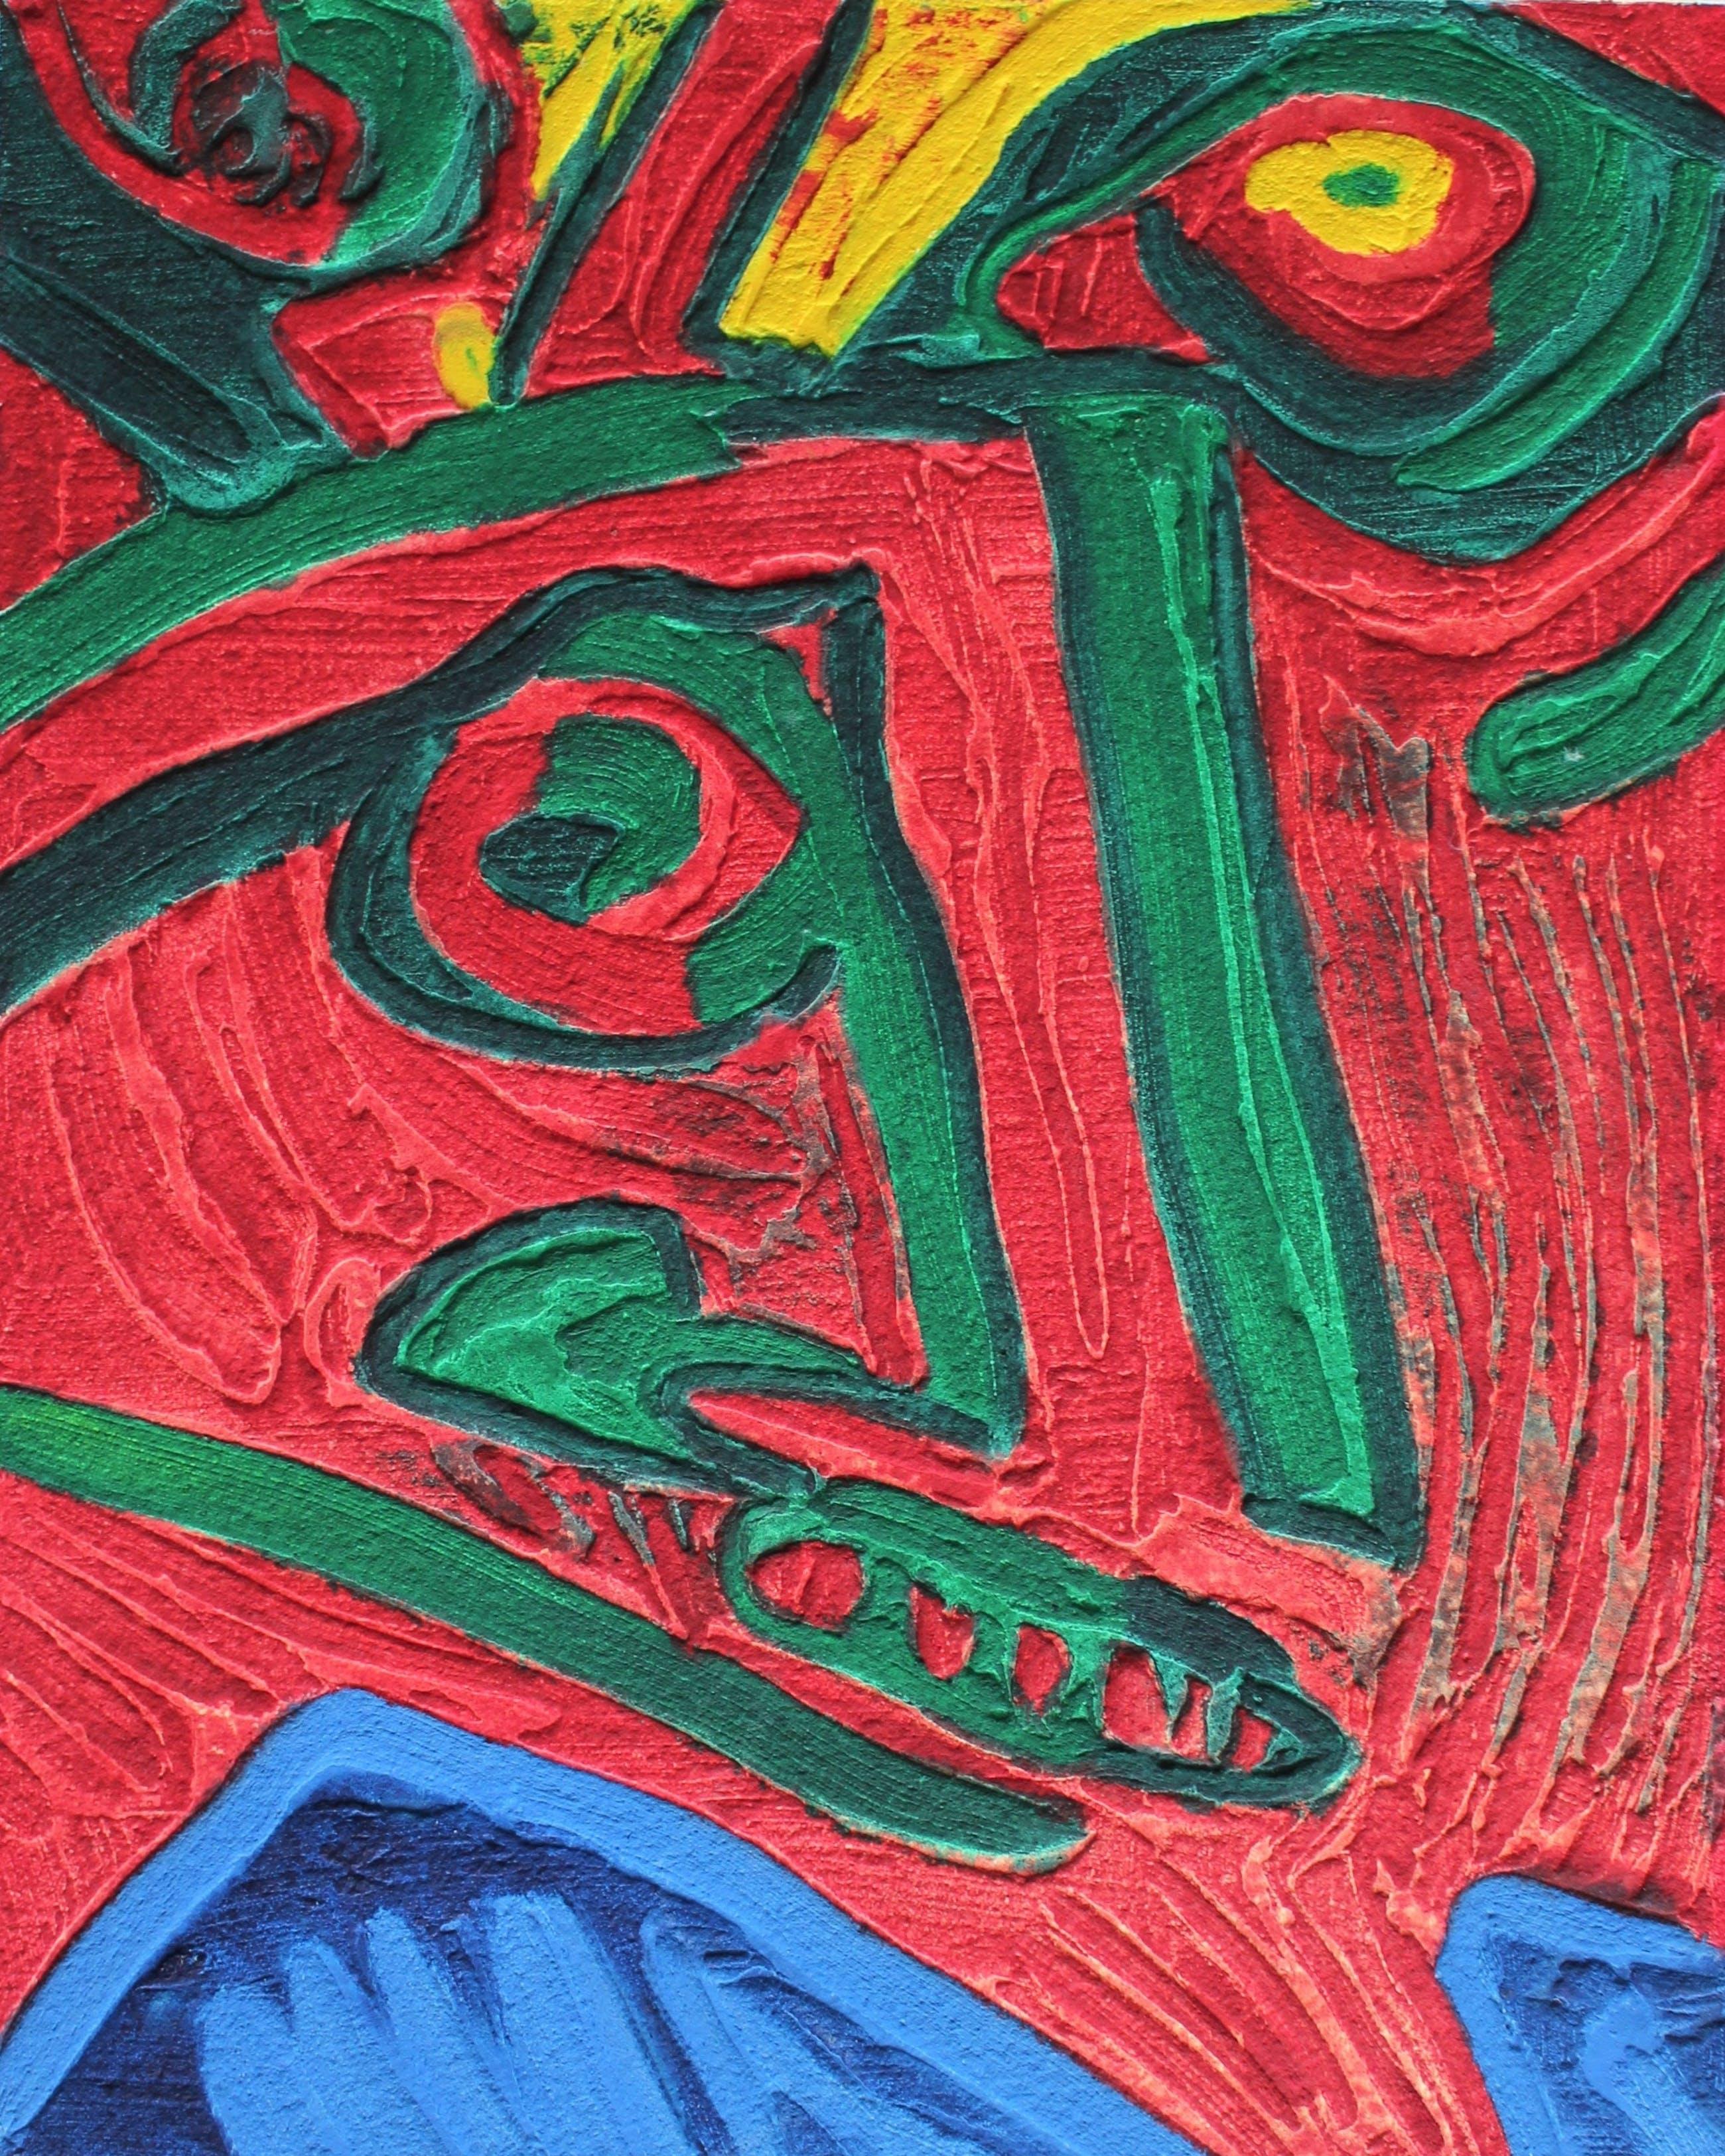 Bengt Lindstrom - Dierlijke figuren in abstractie kopen? Bied vanaf 275!